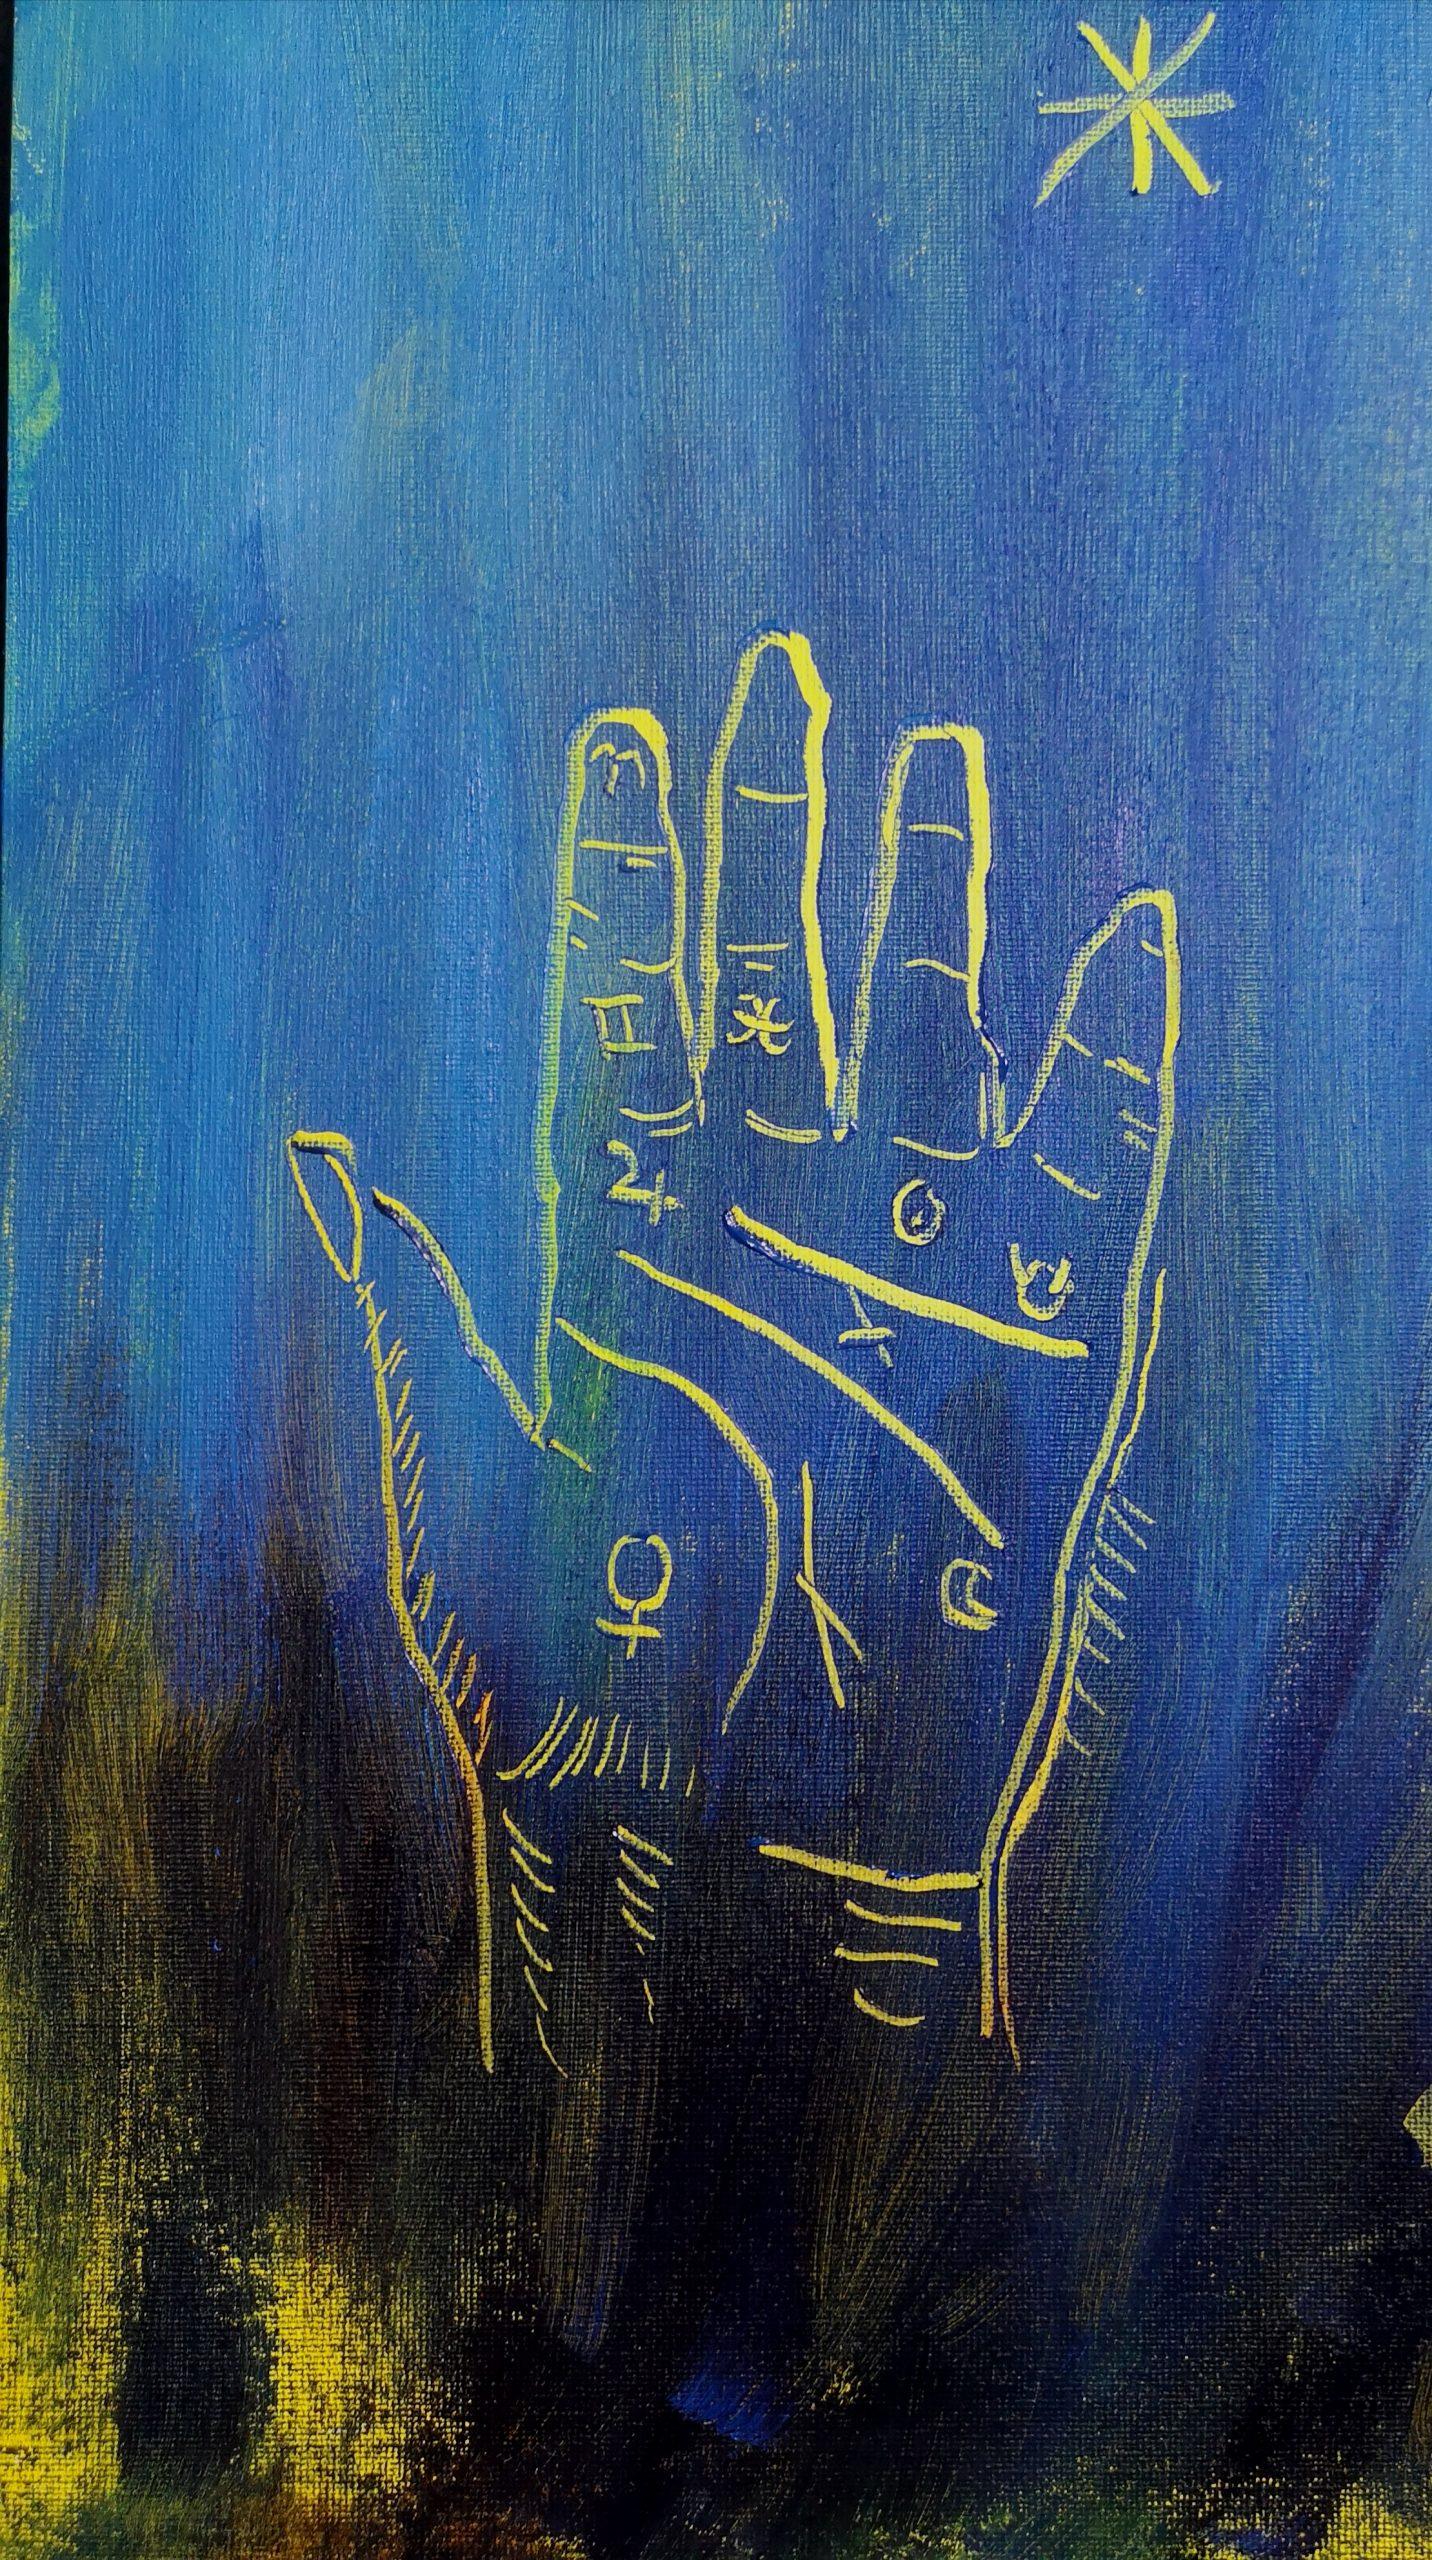 Palmistry hand oil sgraffito test